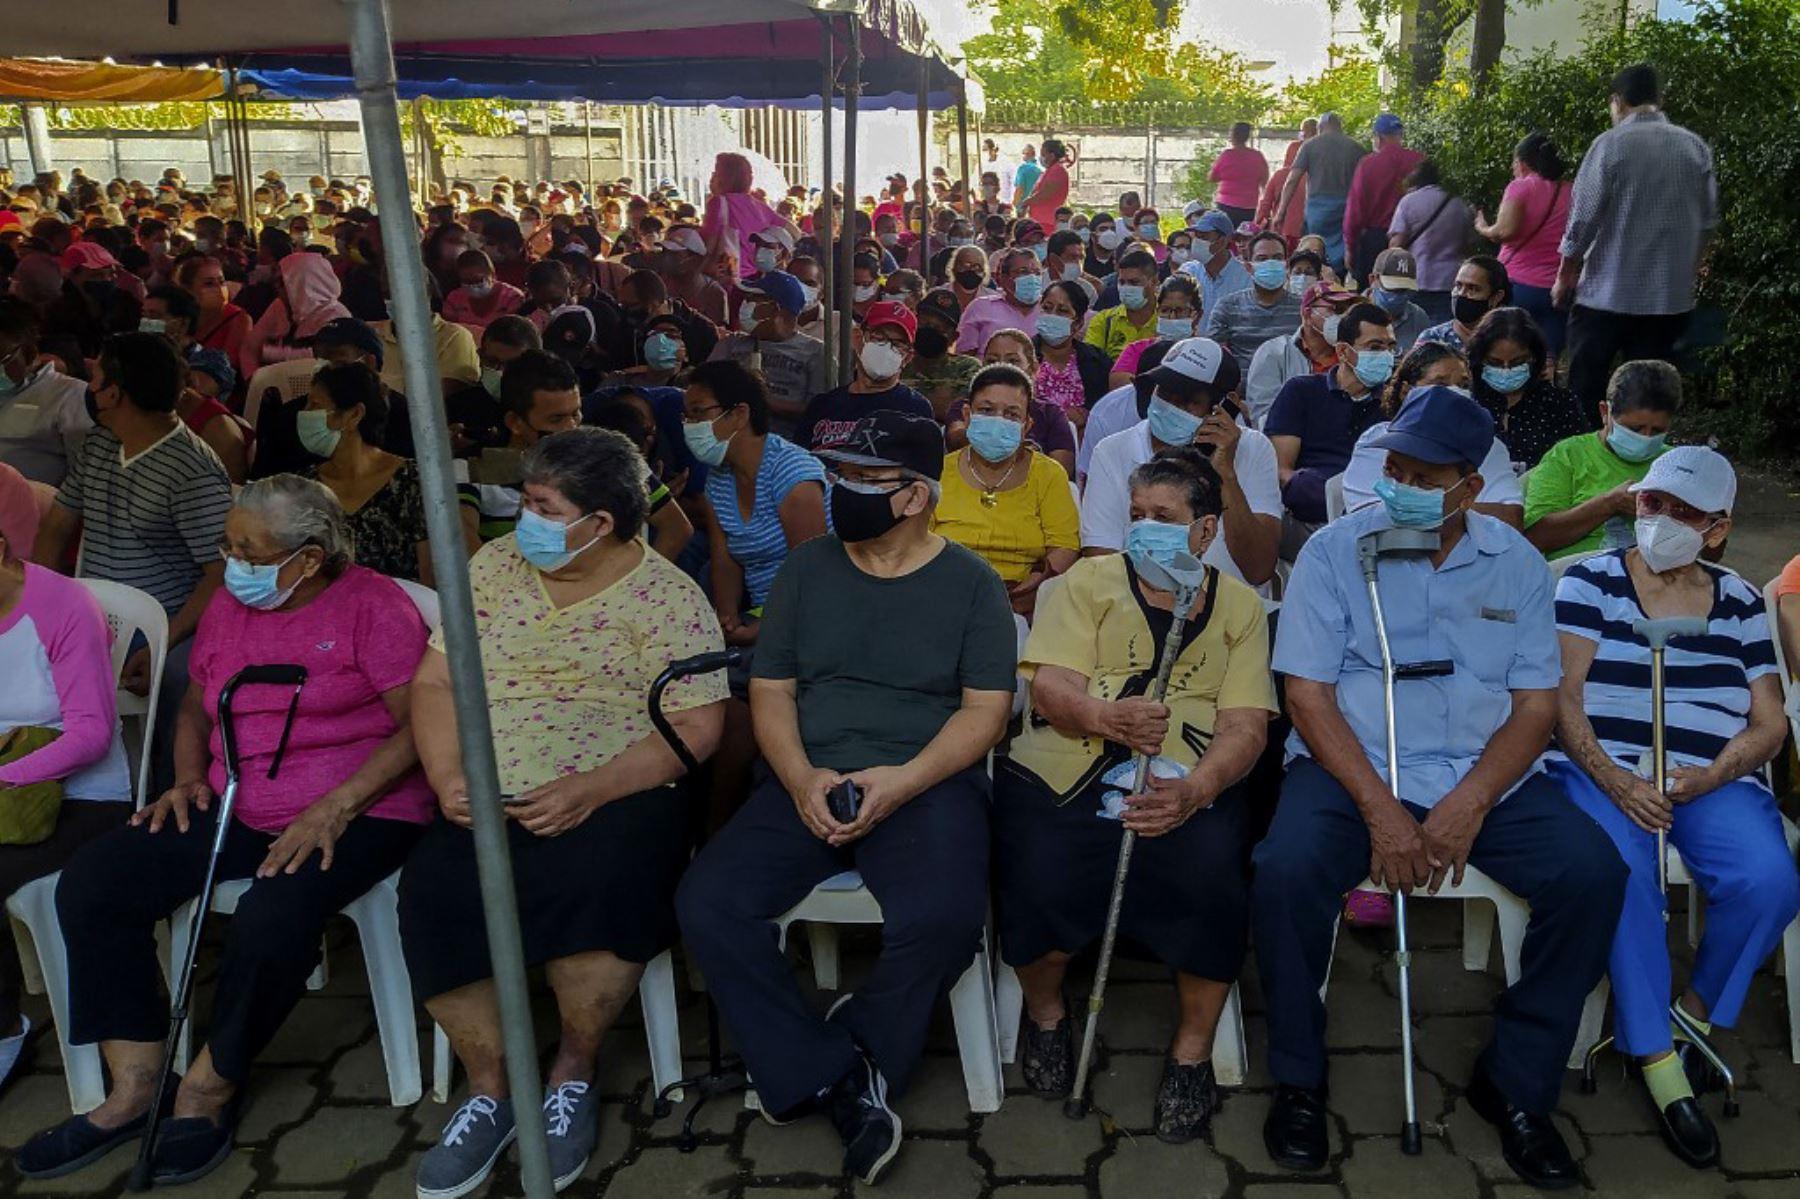 La gente espera horas para vacunarse contra el covid-19 con la vacuna Sputnik V en el Hospital Manolo Morales de Managua, Nicaragua. Foto: AFP